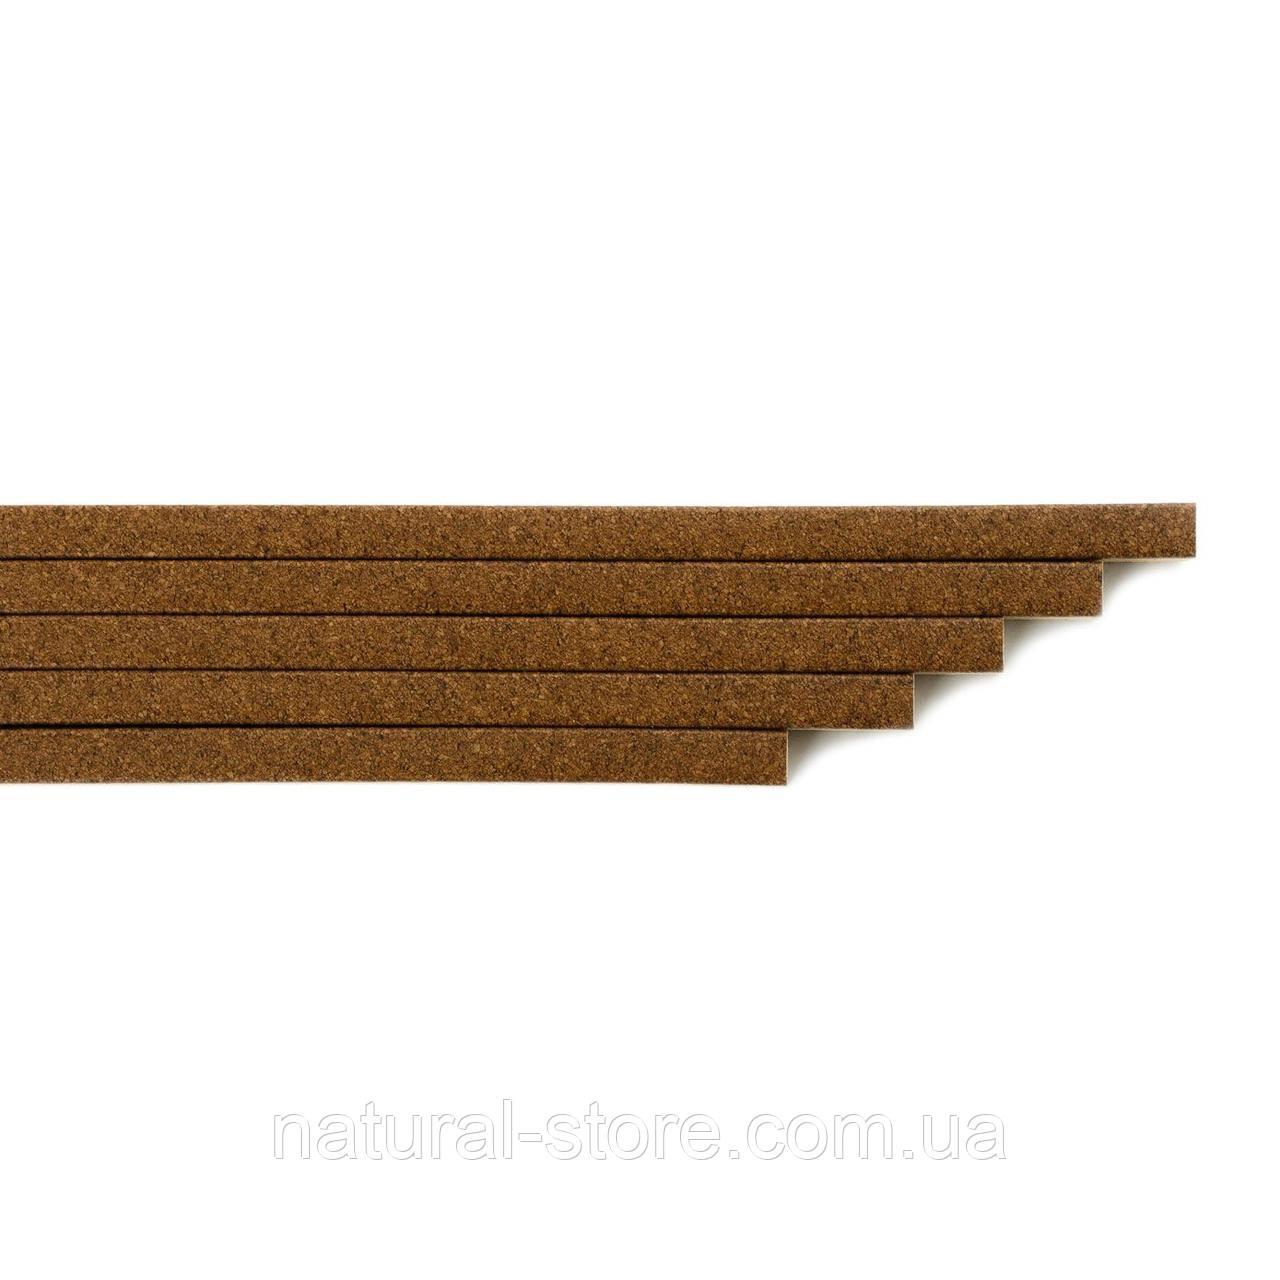 Корковий поріжок (компенсатор) RG 107 Світлий горіх 900х15х7мм